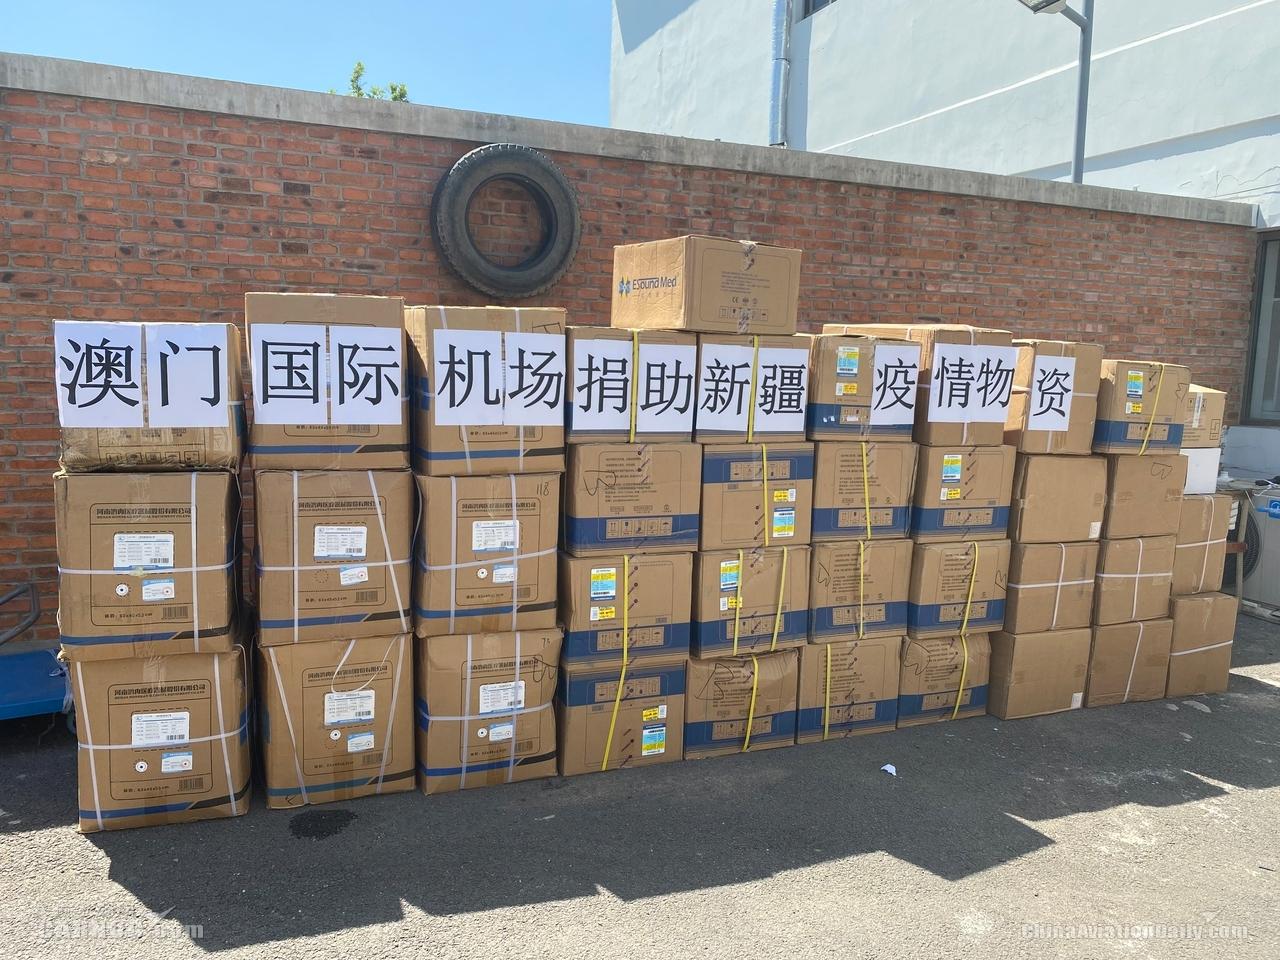 澳门国际机场响应中国民用机场协会倡议 支援贫困地区抗击疫情助力脱贫攻坚